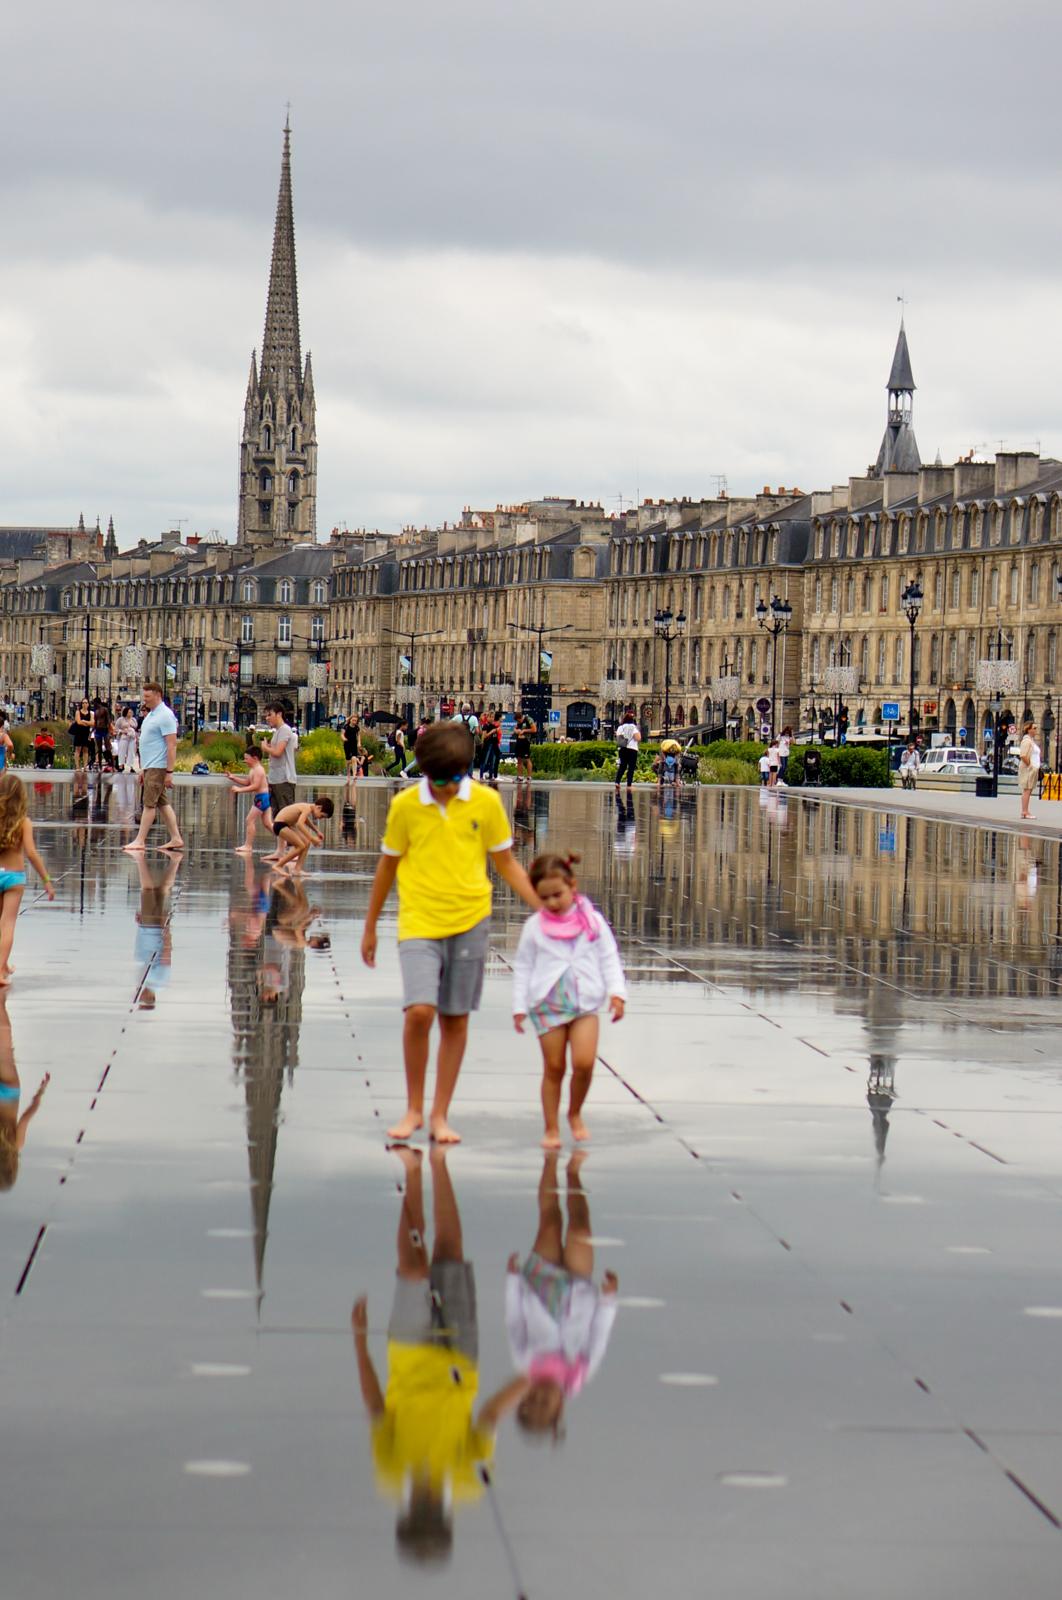 bordeaux, bordeaux city guide, borderaux tourisme, week-end bordeaux, blog bordeaux, vacances bordeaux, que faire à bordeaux, miroir d'eau bordeaux